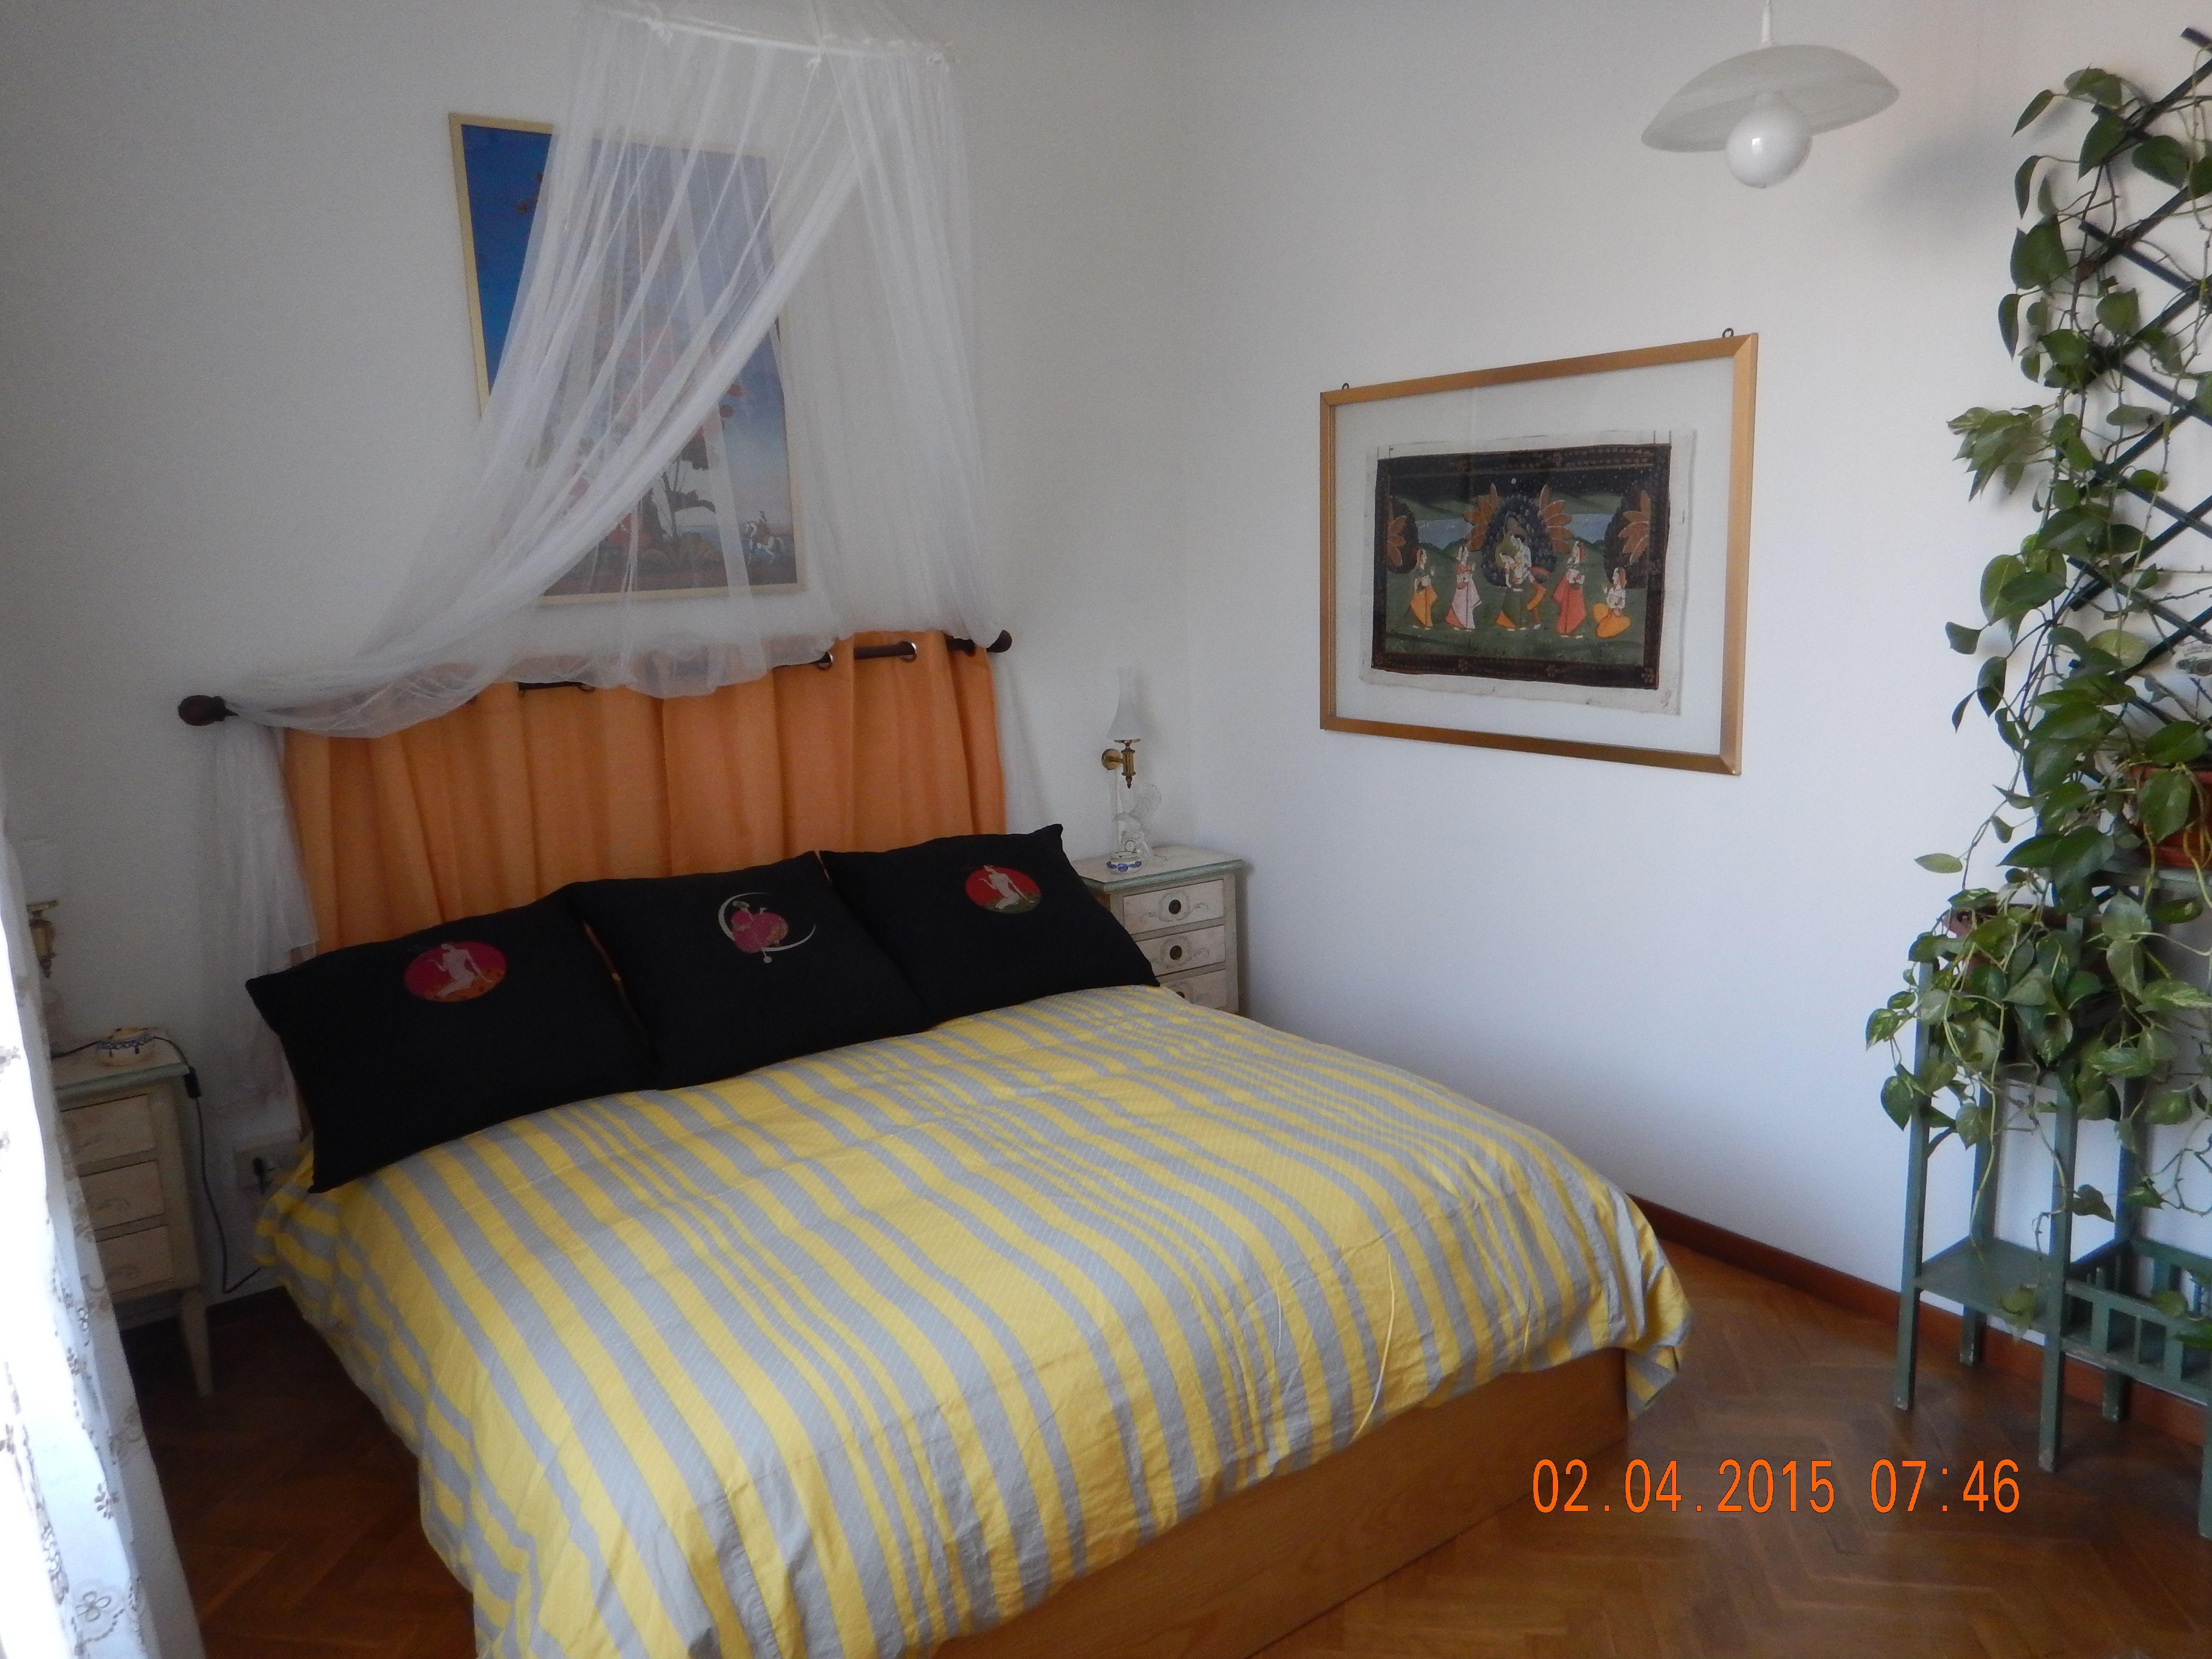 Perfecto piso vacacional de 2 habitaciones en Florencia